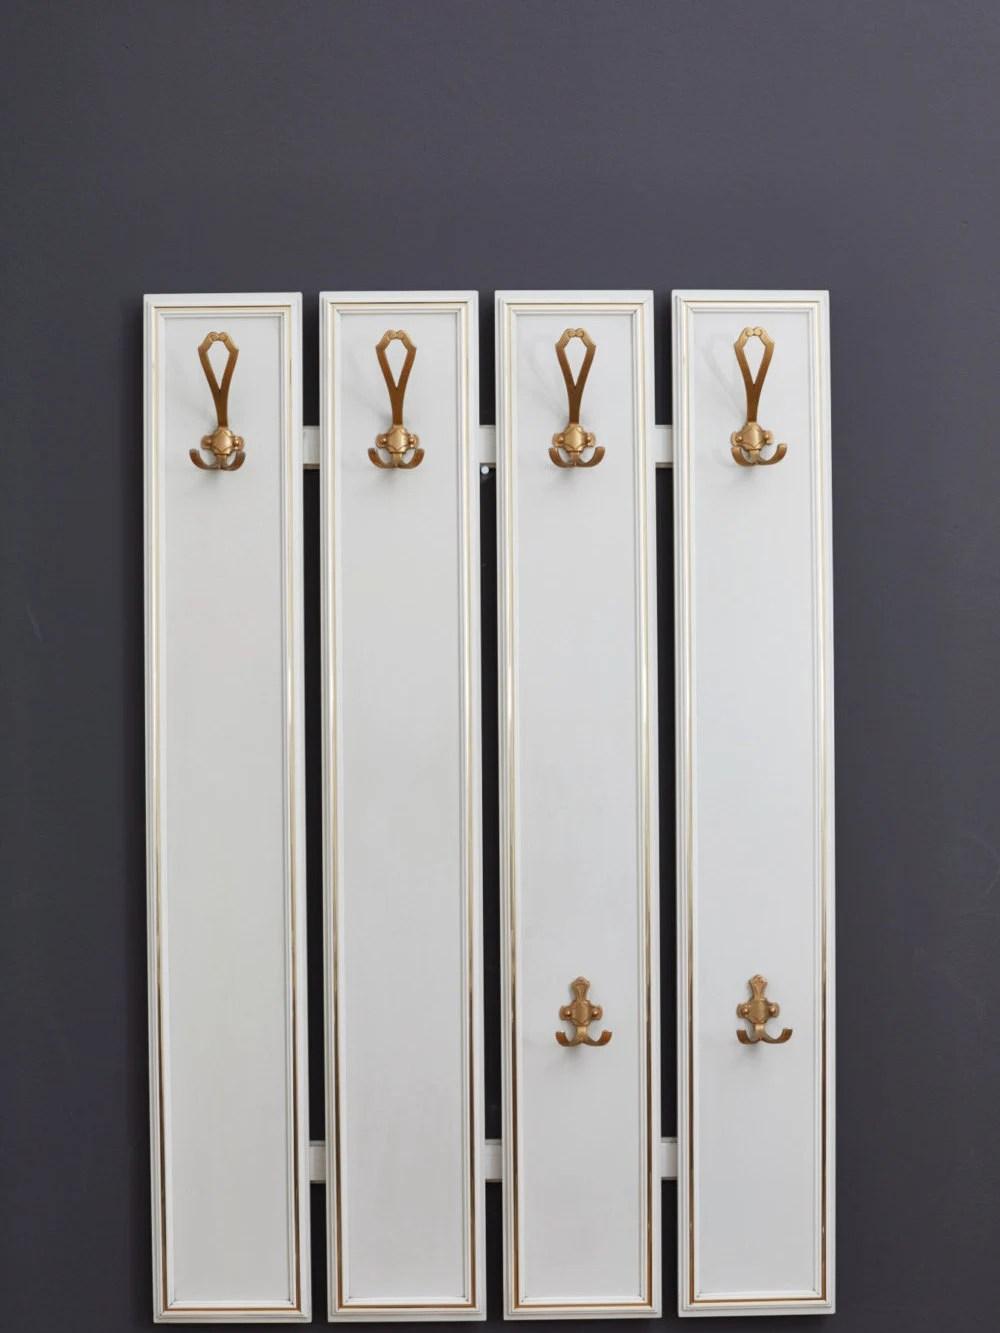 1970er jahre garderobe ordnung f r deinen raum oder. Black Bedroom Furniture Sets. Home Design Ideas